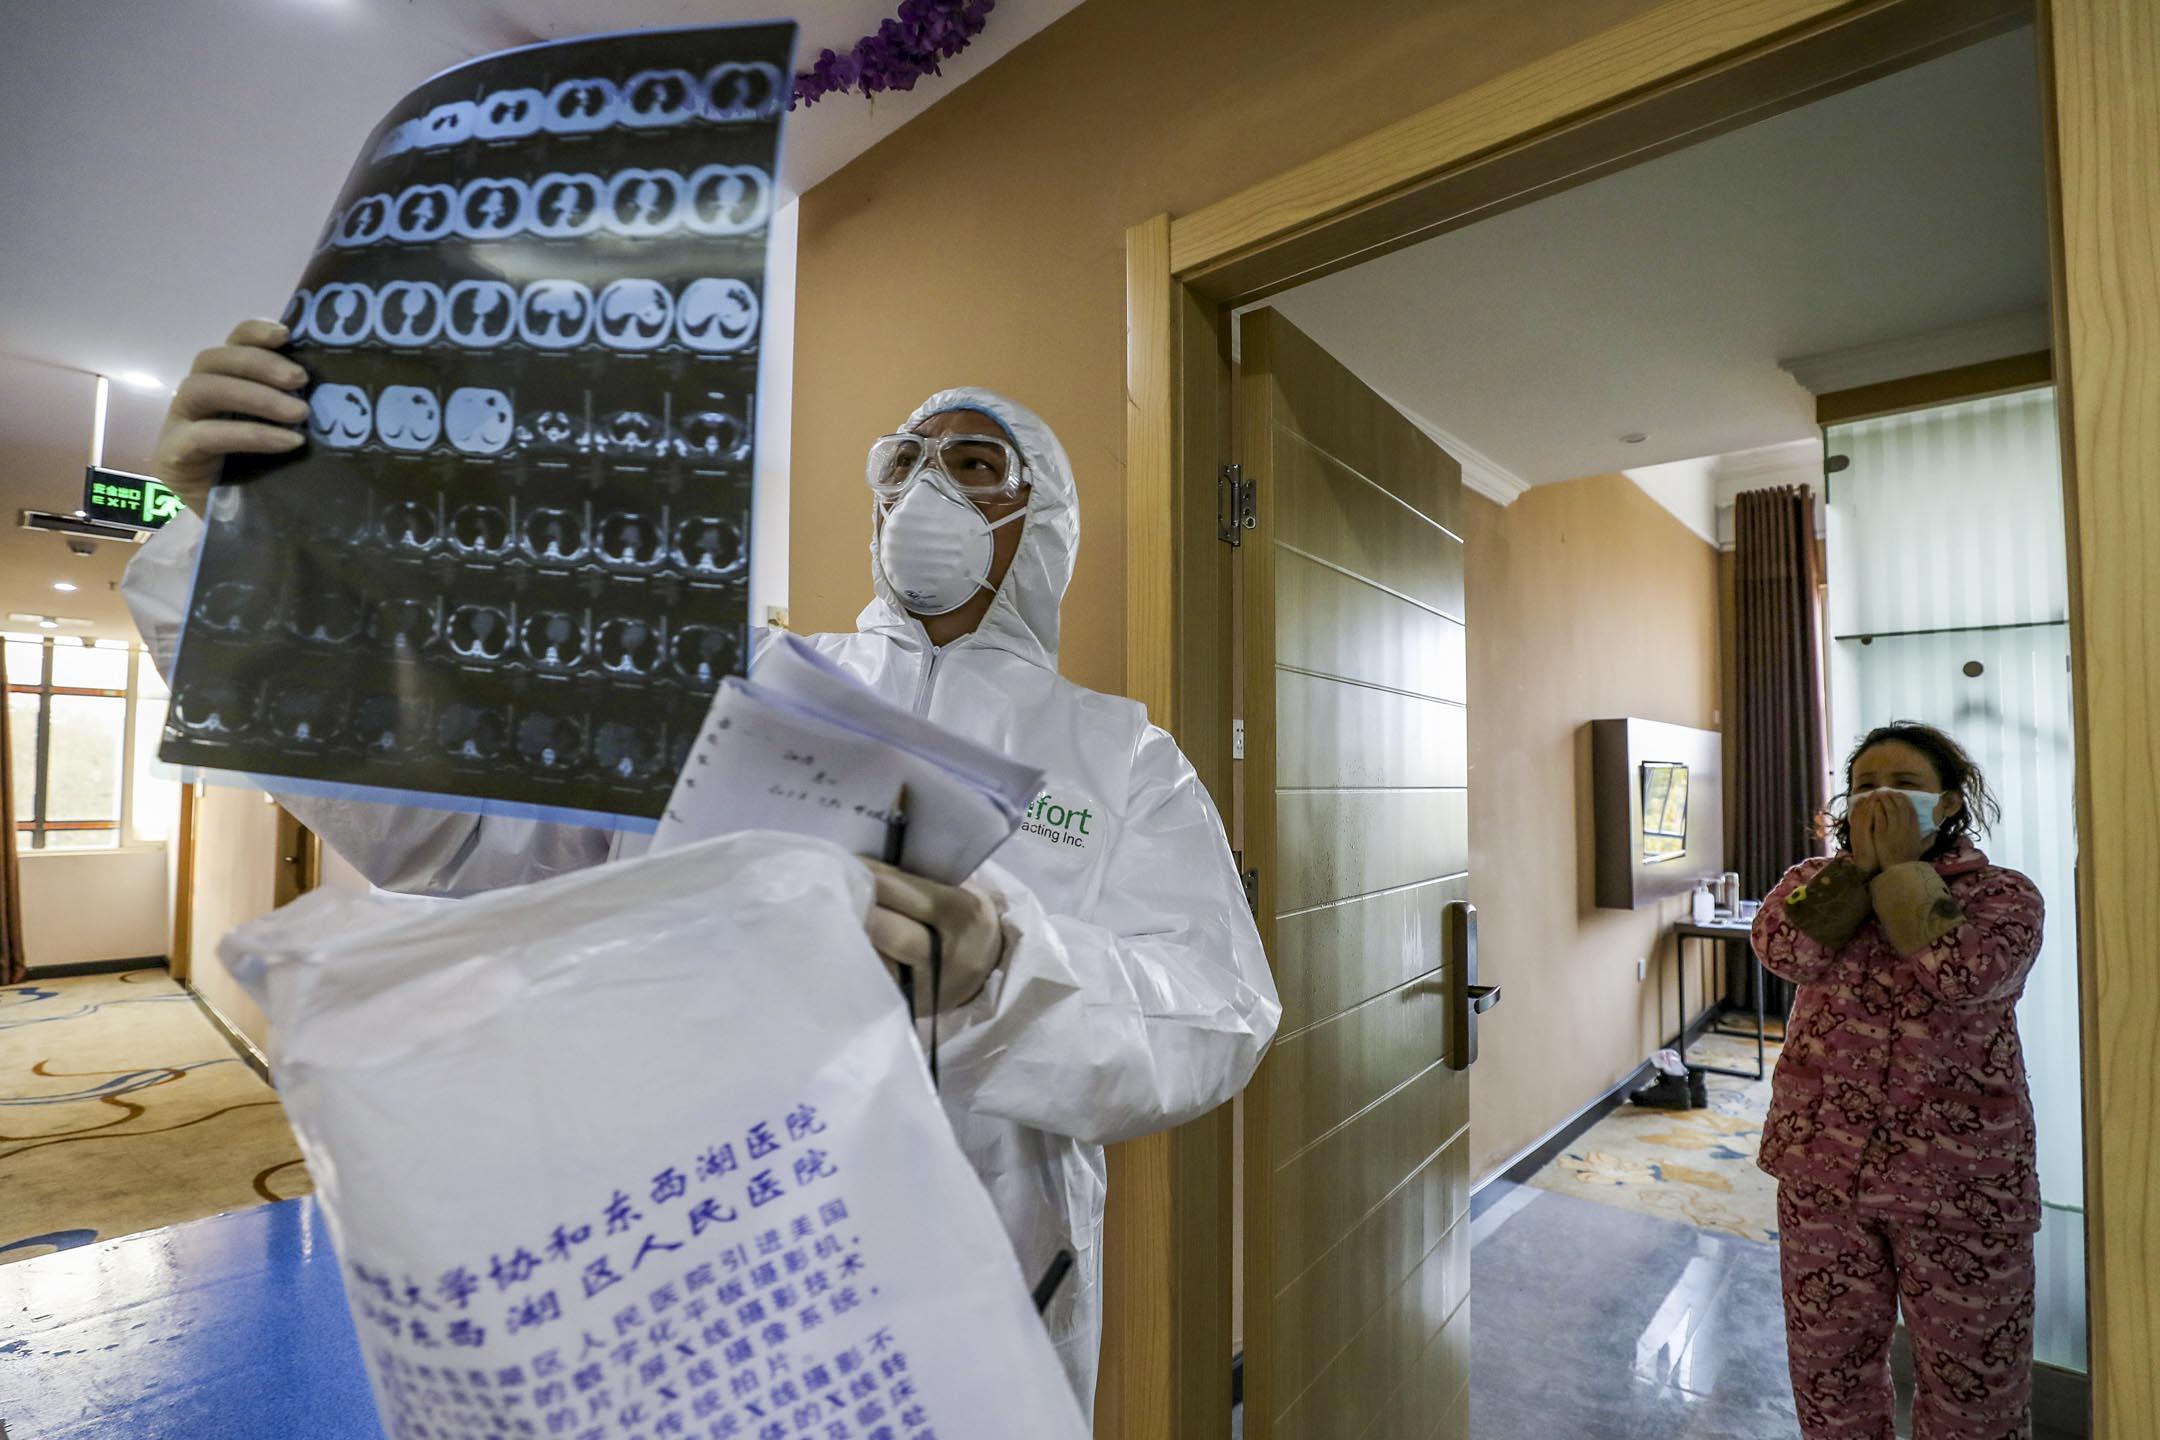 2020年2月3日,武漢市隔離區的一間病房裡,醫護人員巡視病房並查看隔離人士的肺部CT圖像。 攝:STR/AFP via Getty Images